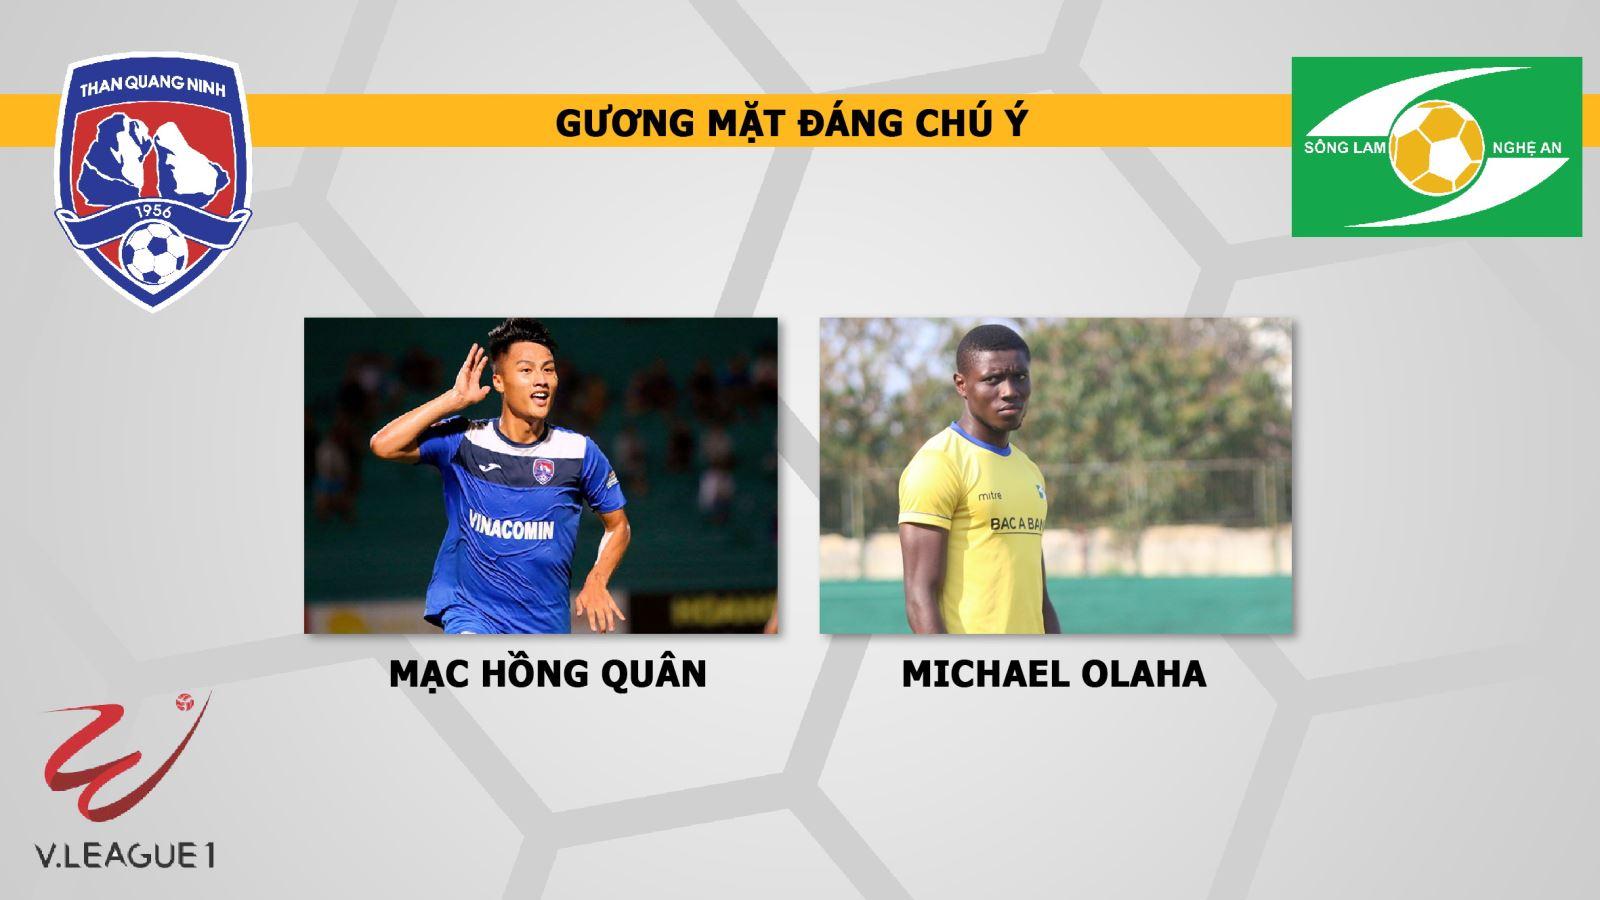 SLNA, SLNA vs Quảng Ninh, Than Quảng Ninh vs Sông Lam Nghệ An, trực tiếp bóng đá, truc tiep bong da, link xem trực tiếp bóng đá, V-League 2019, VTV6, TTTV HD, BĐTV HD